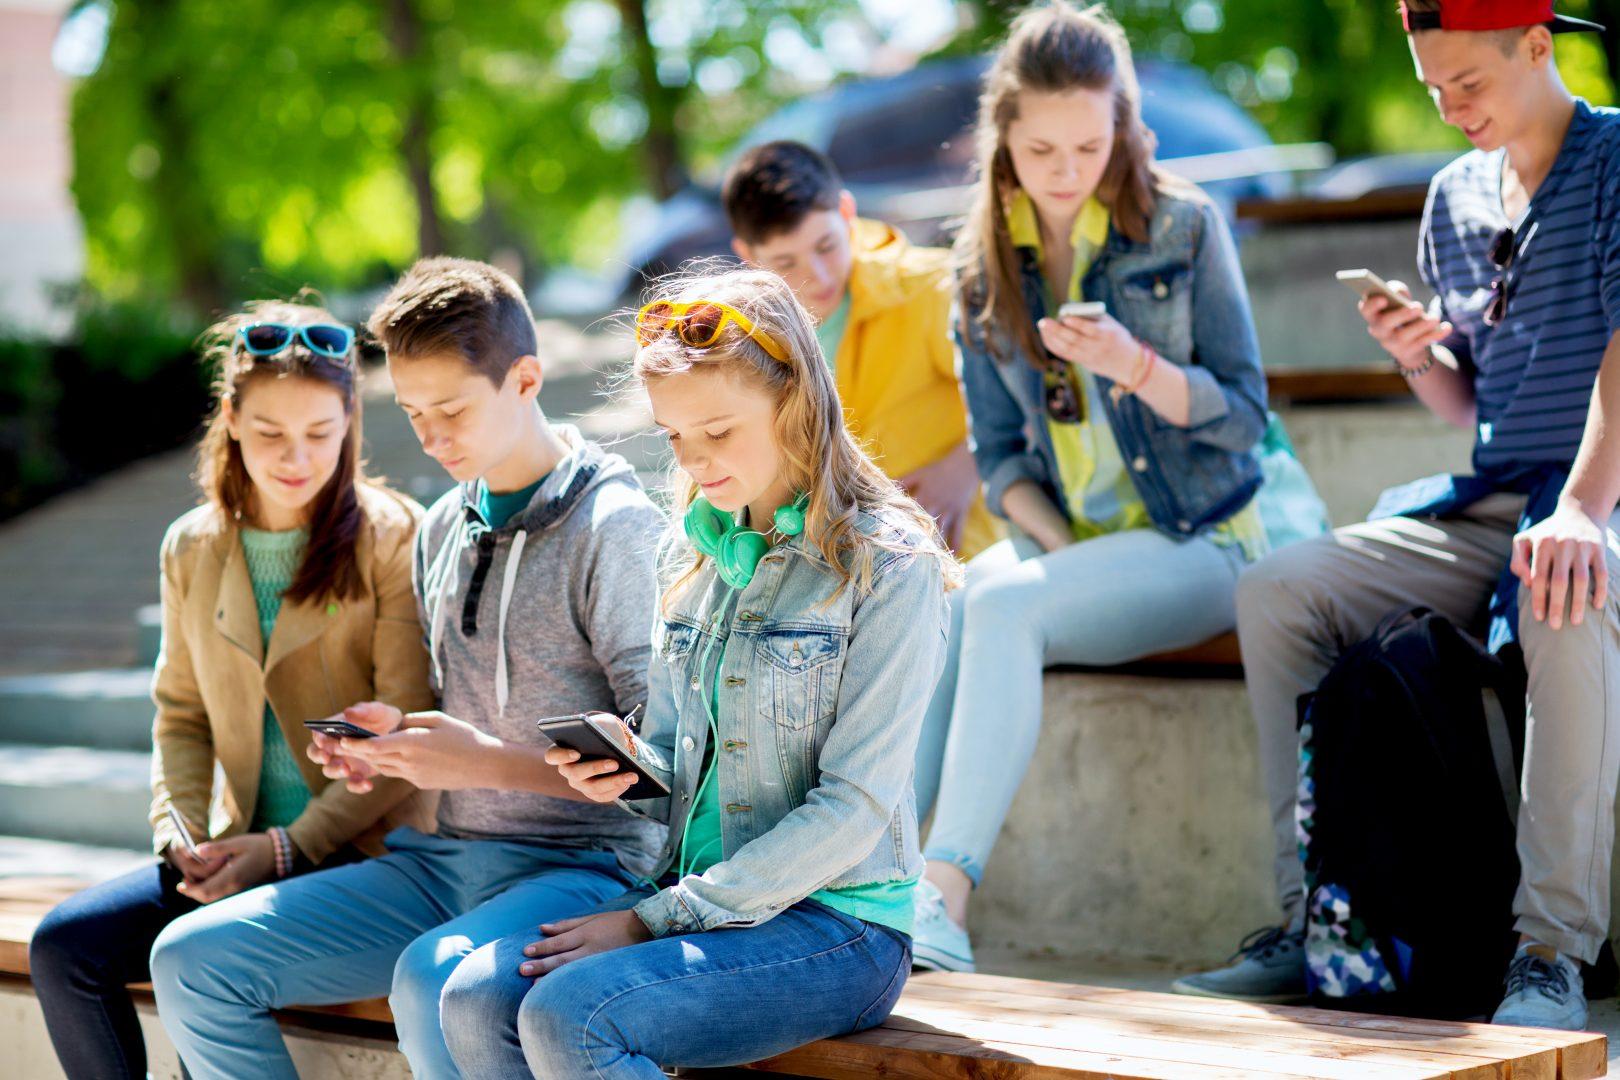 Деца със смартфони